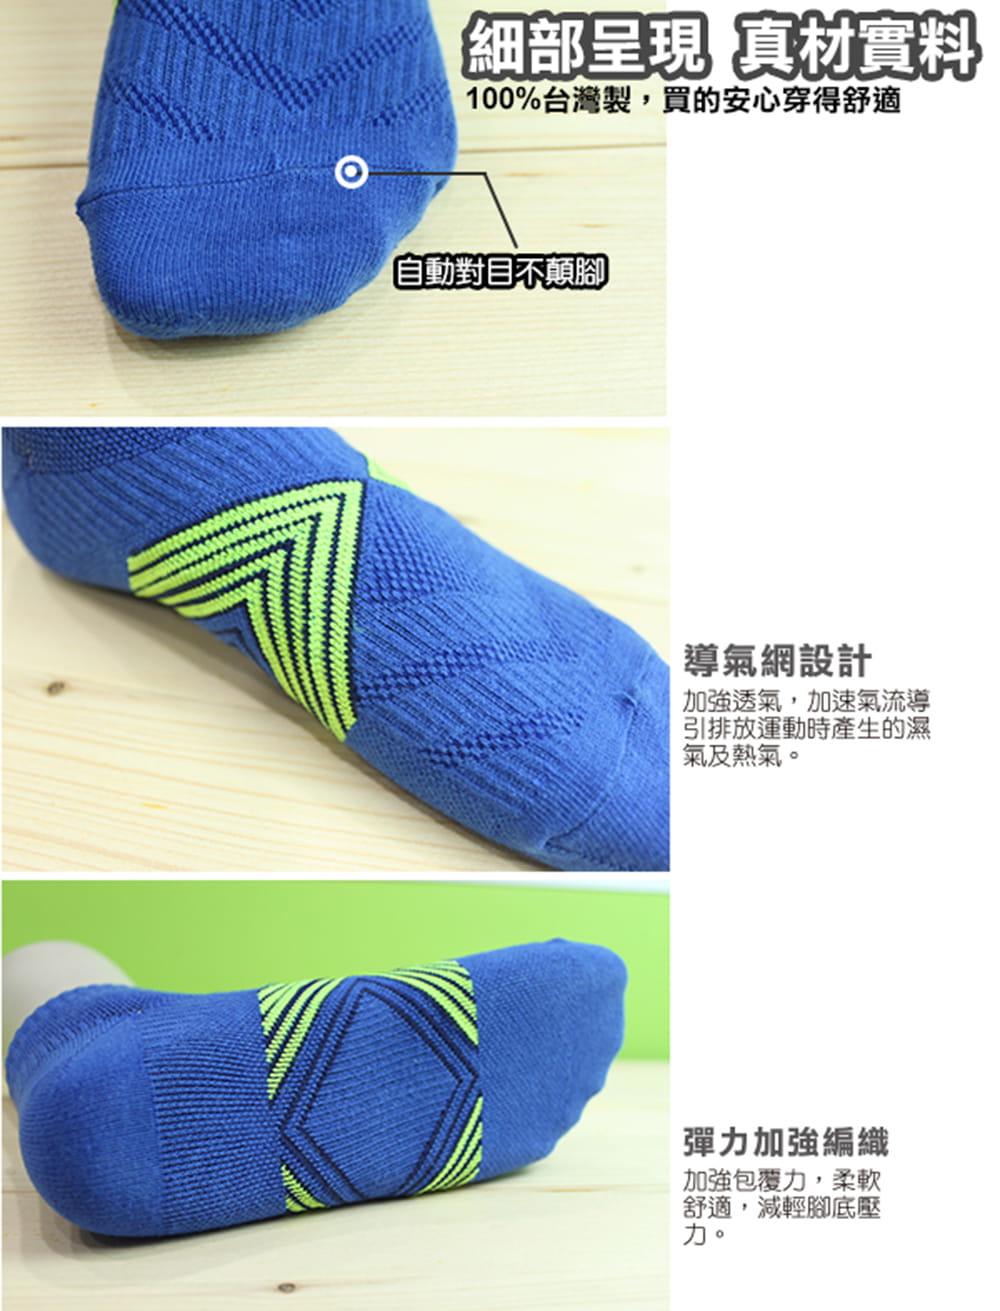 【老船長】(K144-6L)足弓輕壓機能運動襪-男款 3